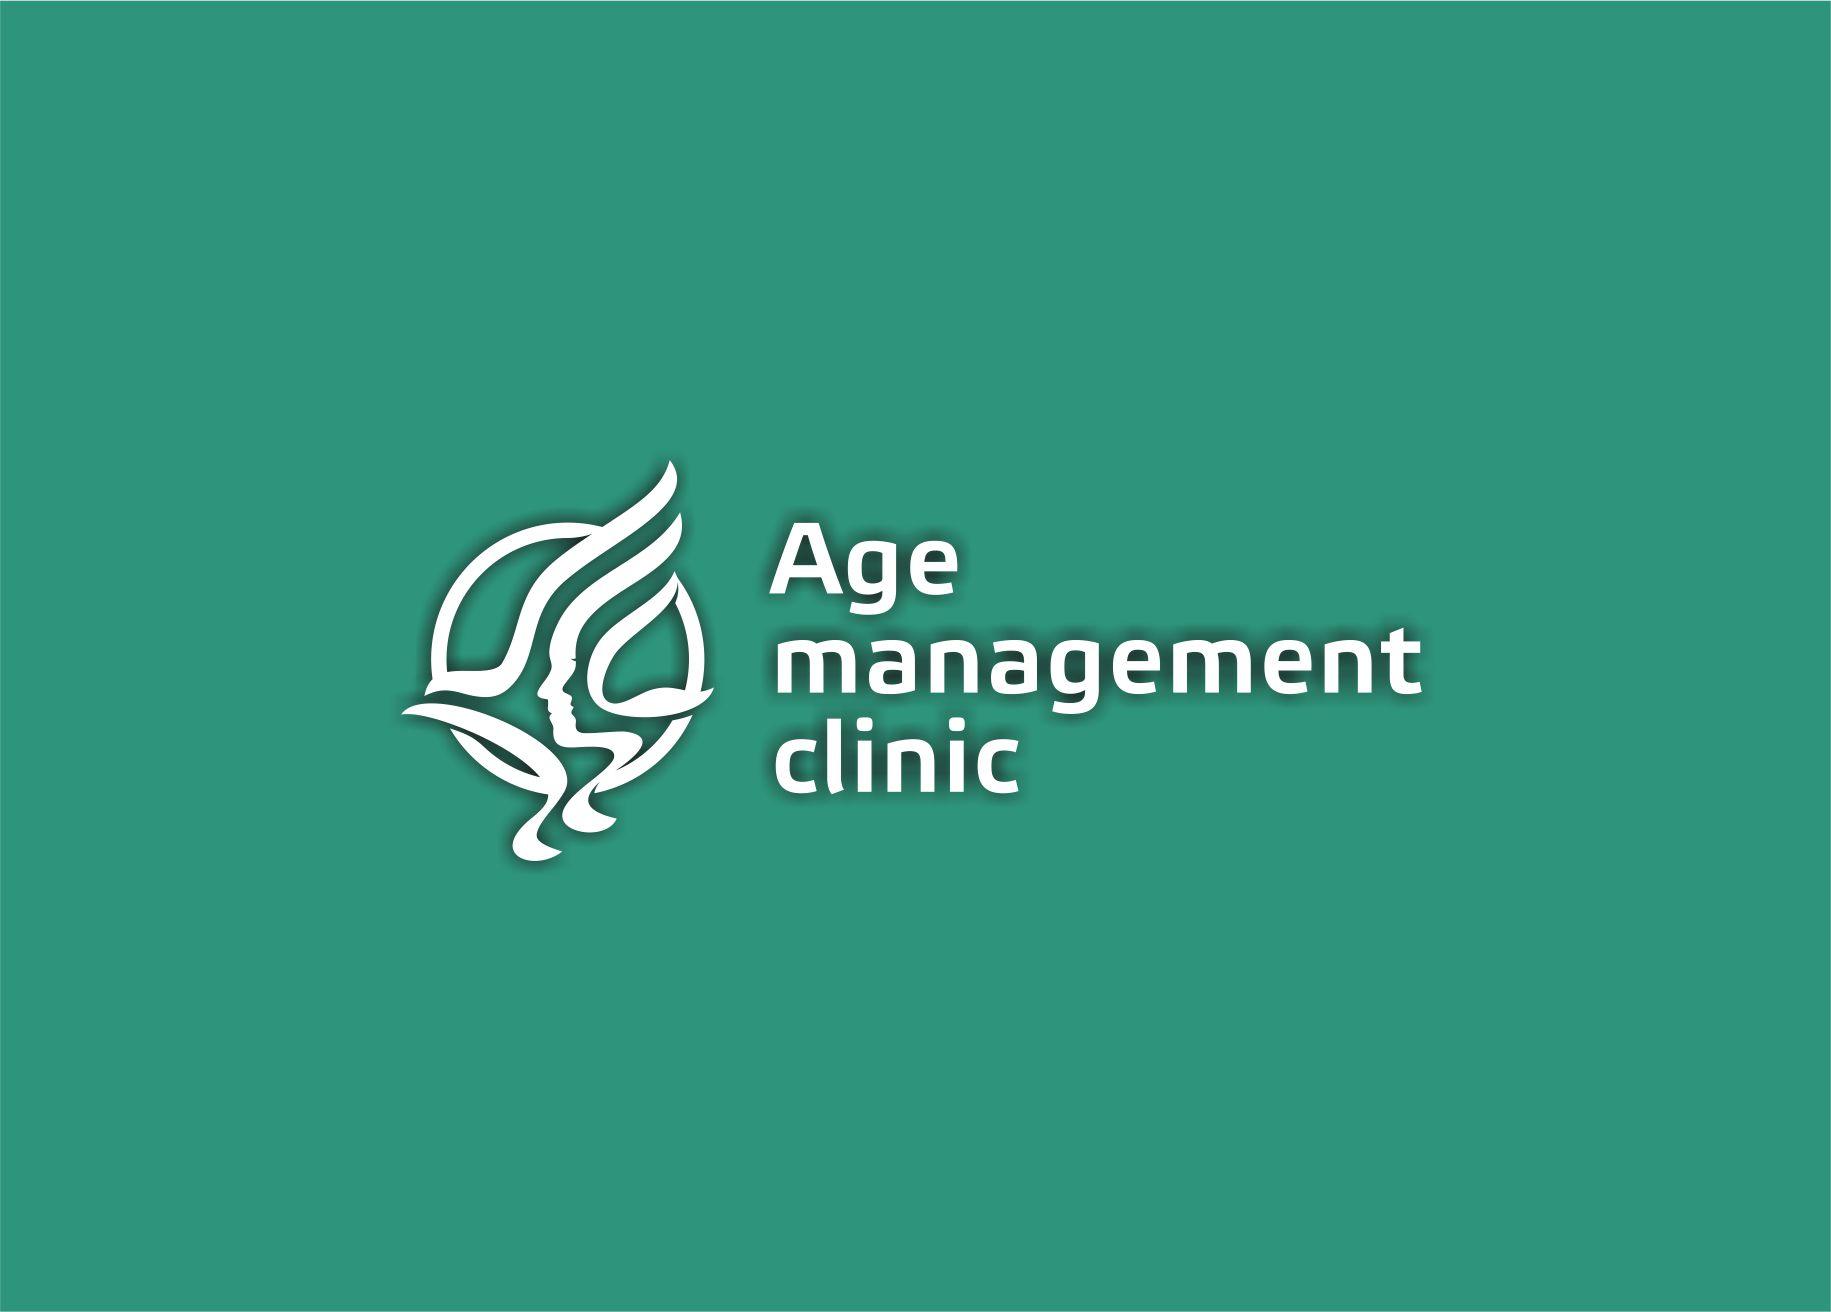 Логотип для медицинского центра (клиники)  фото f_3445b9b9e9d1df34.jpg